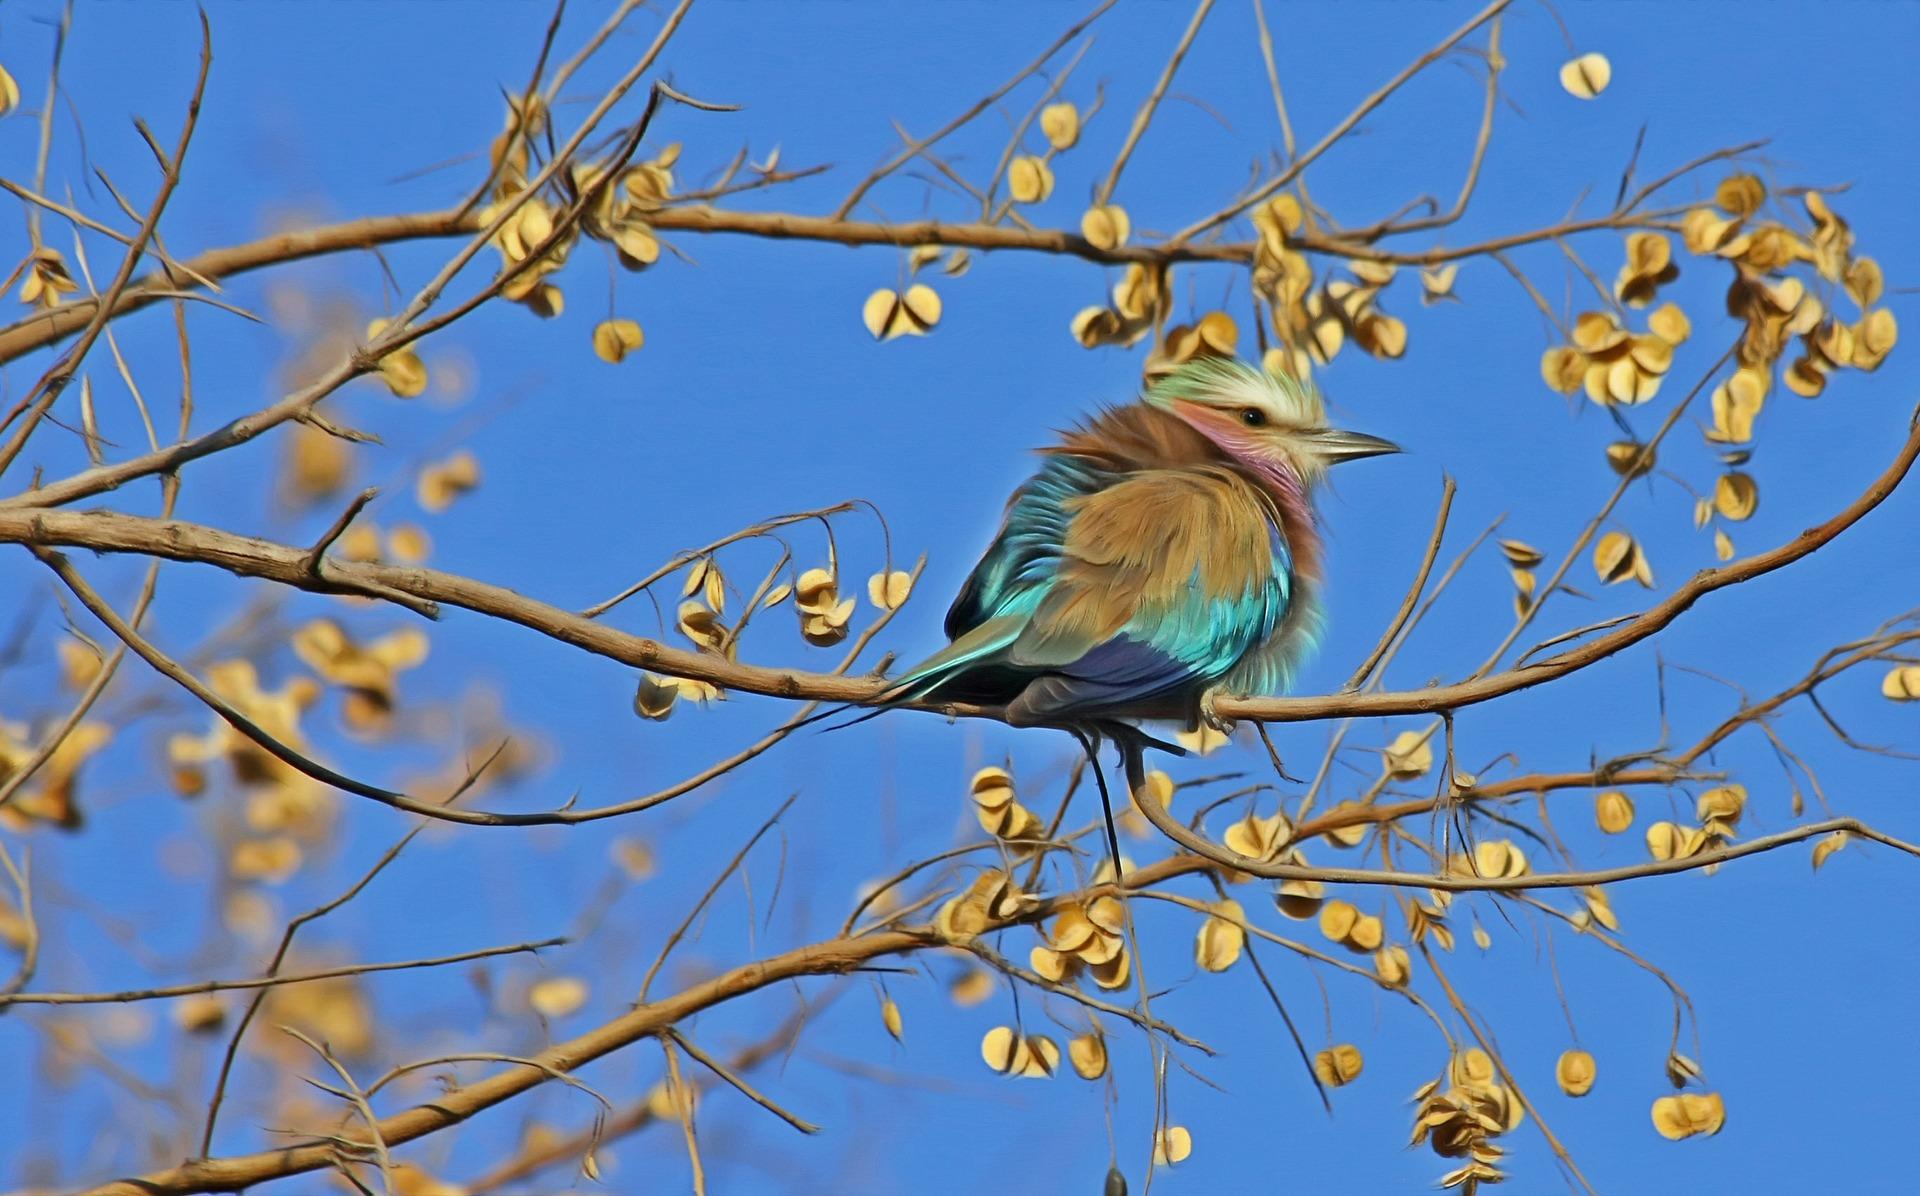 bird-515031_1920